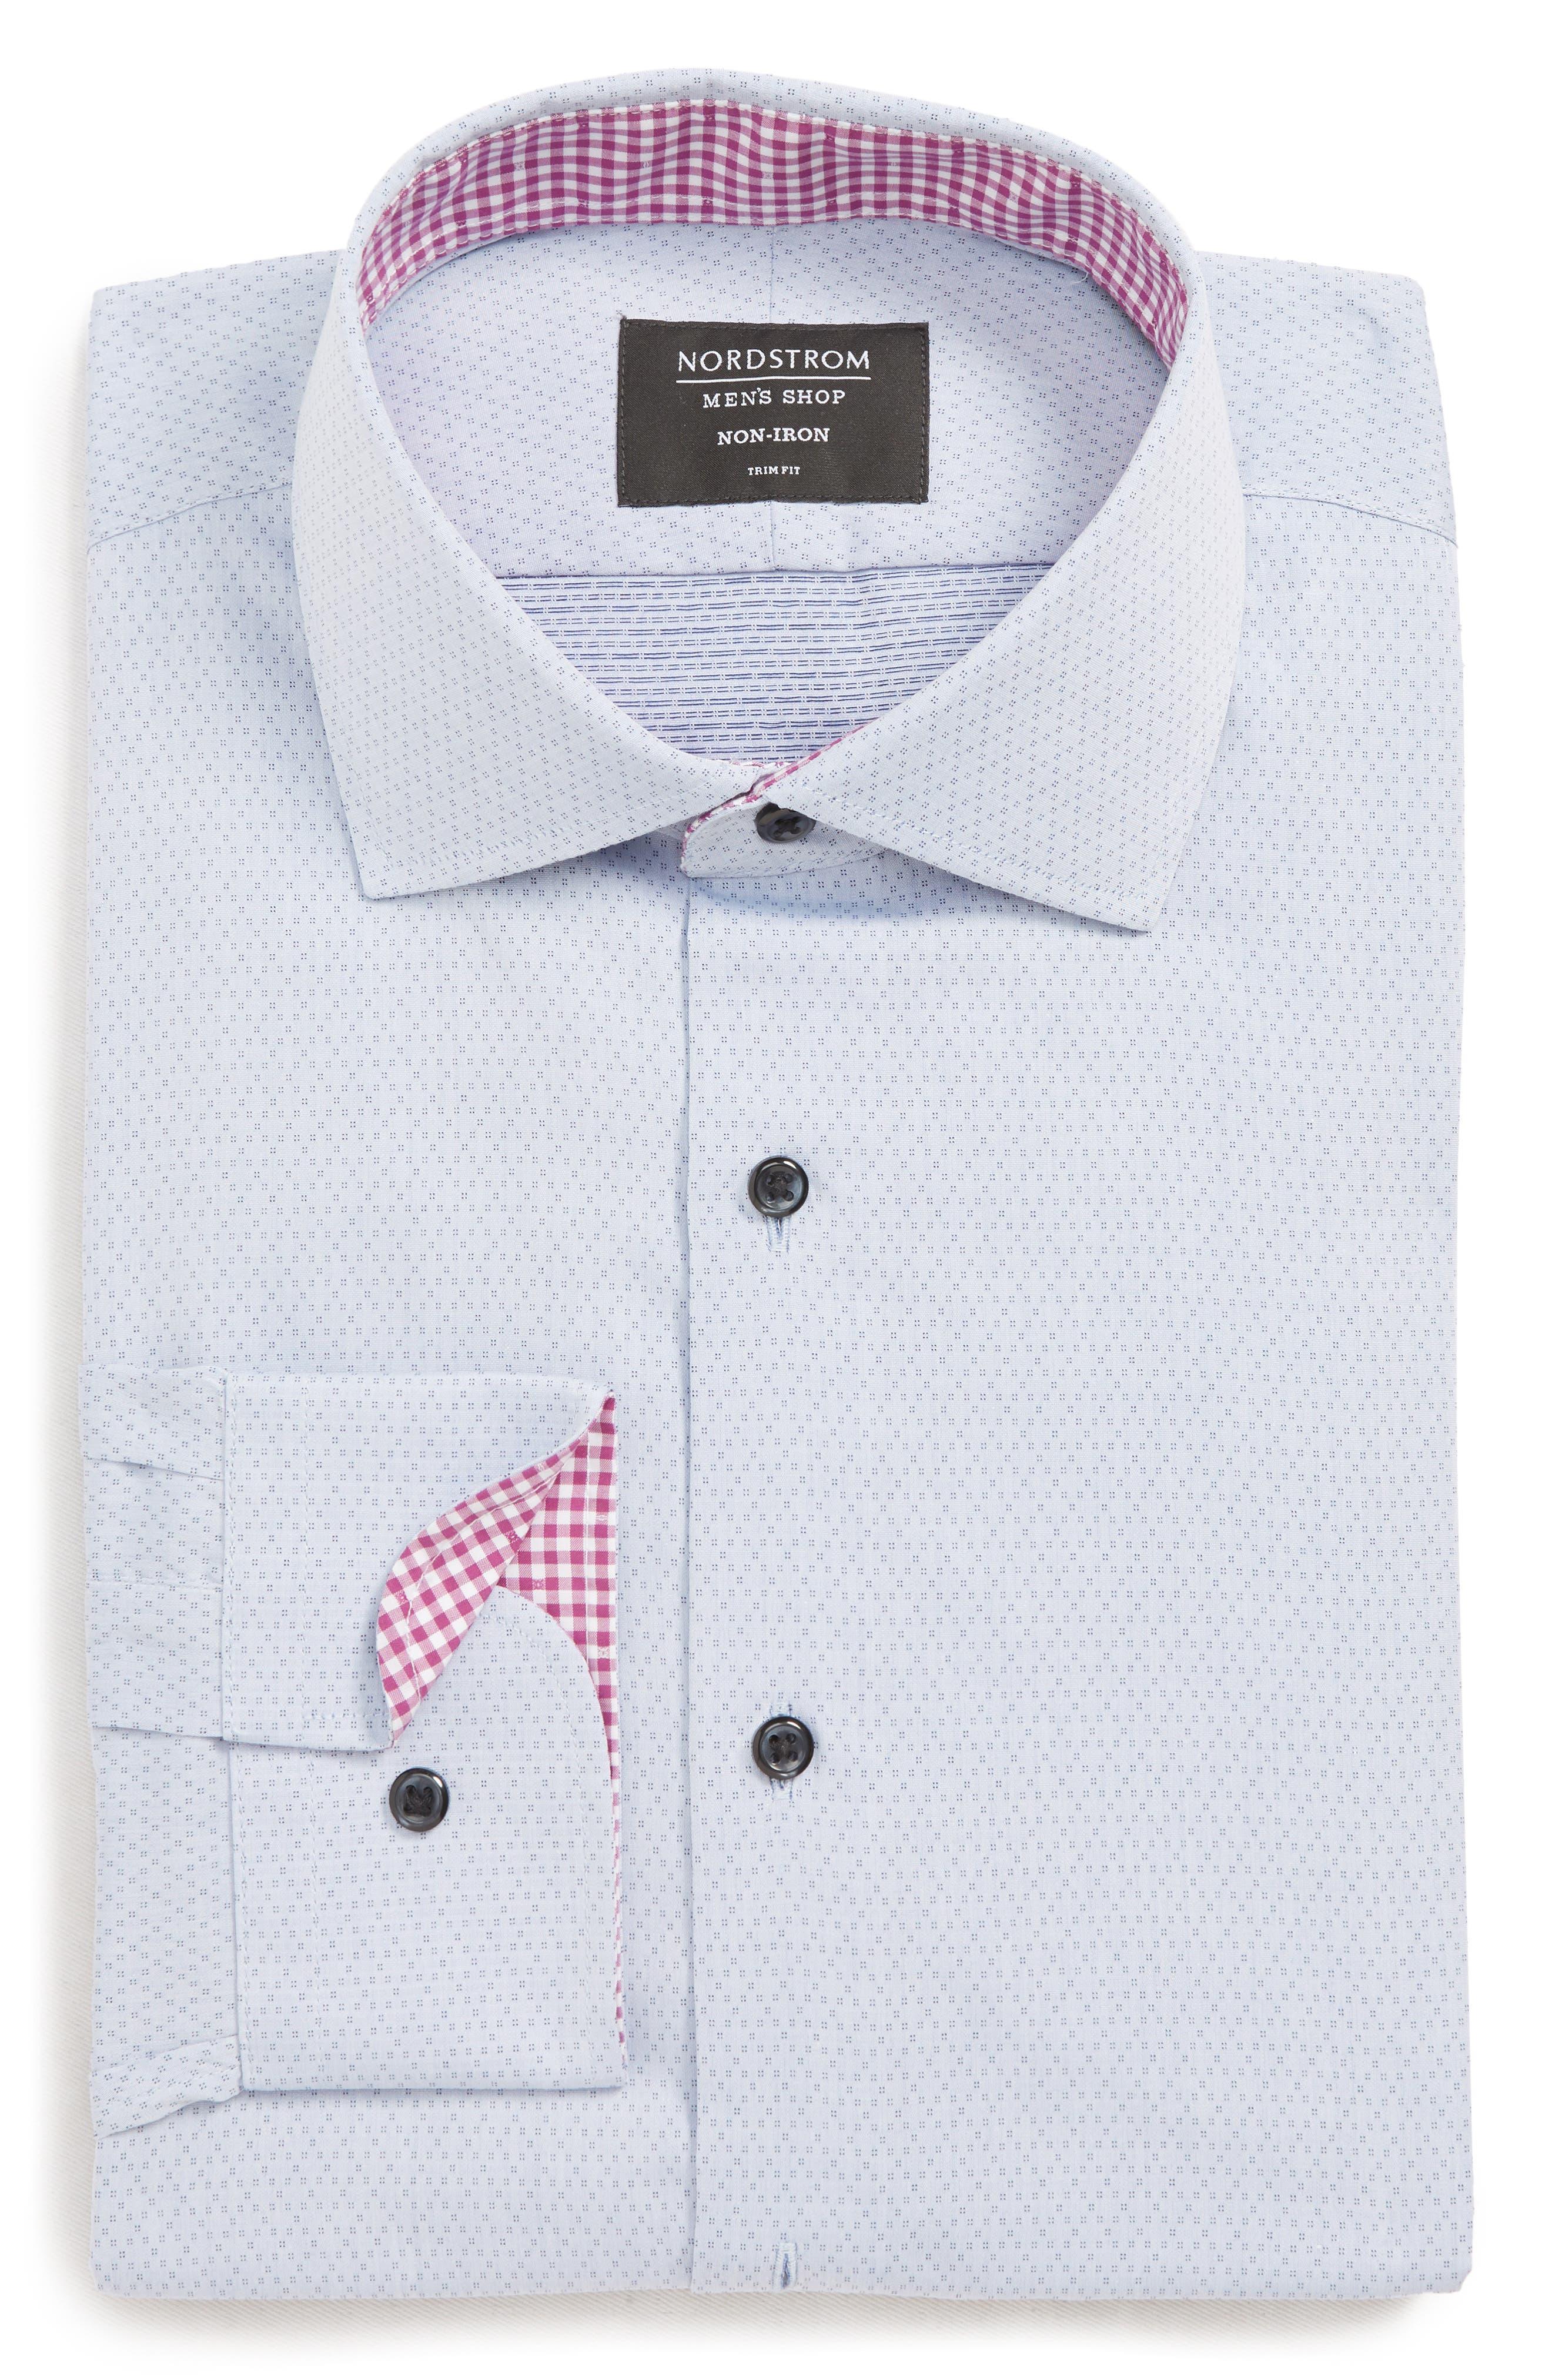 NORDSTROM MEN'S SHOP, Trim Fit Non-Iron Dress Shirt, Main thumbnail 1, color, BLUE CAMP